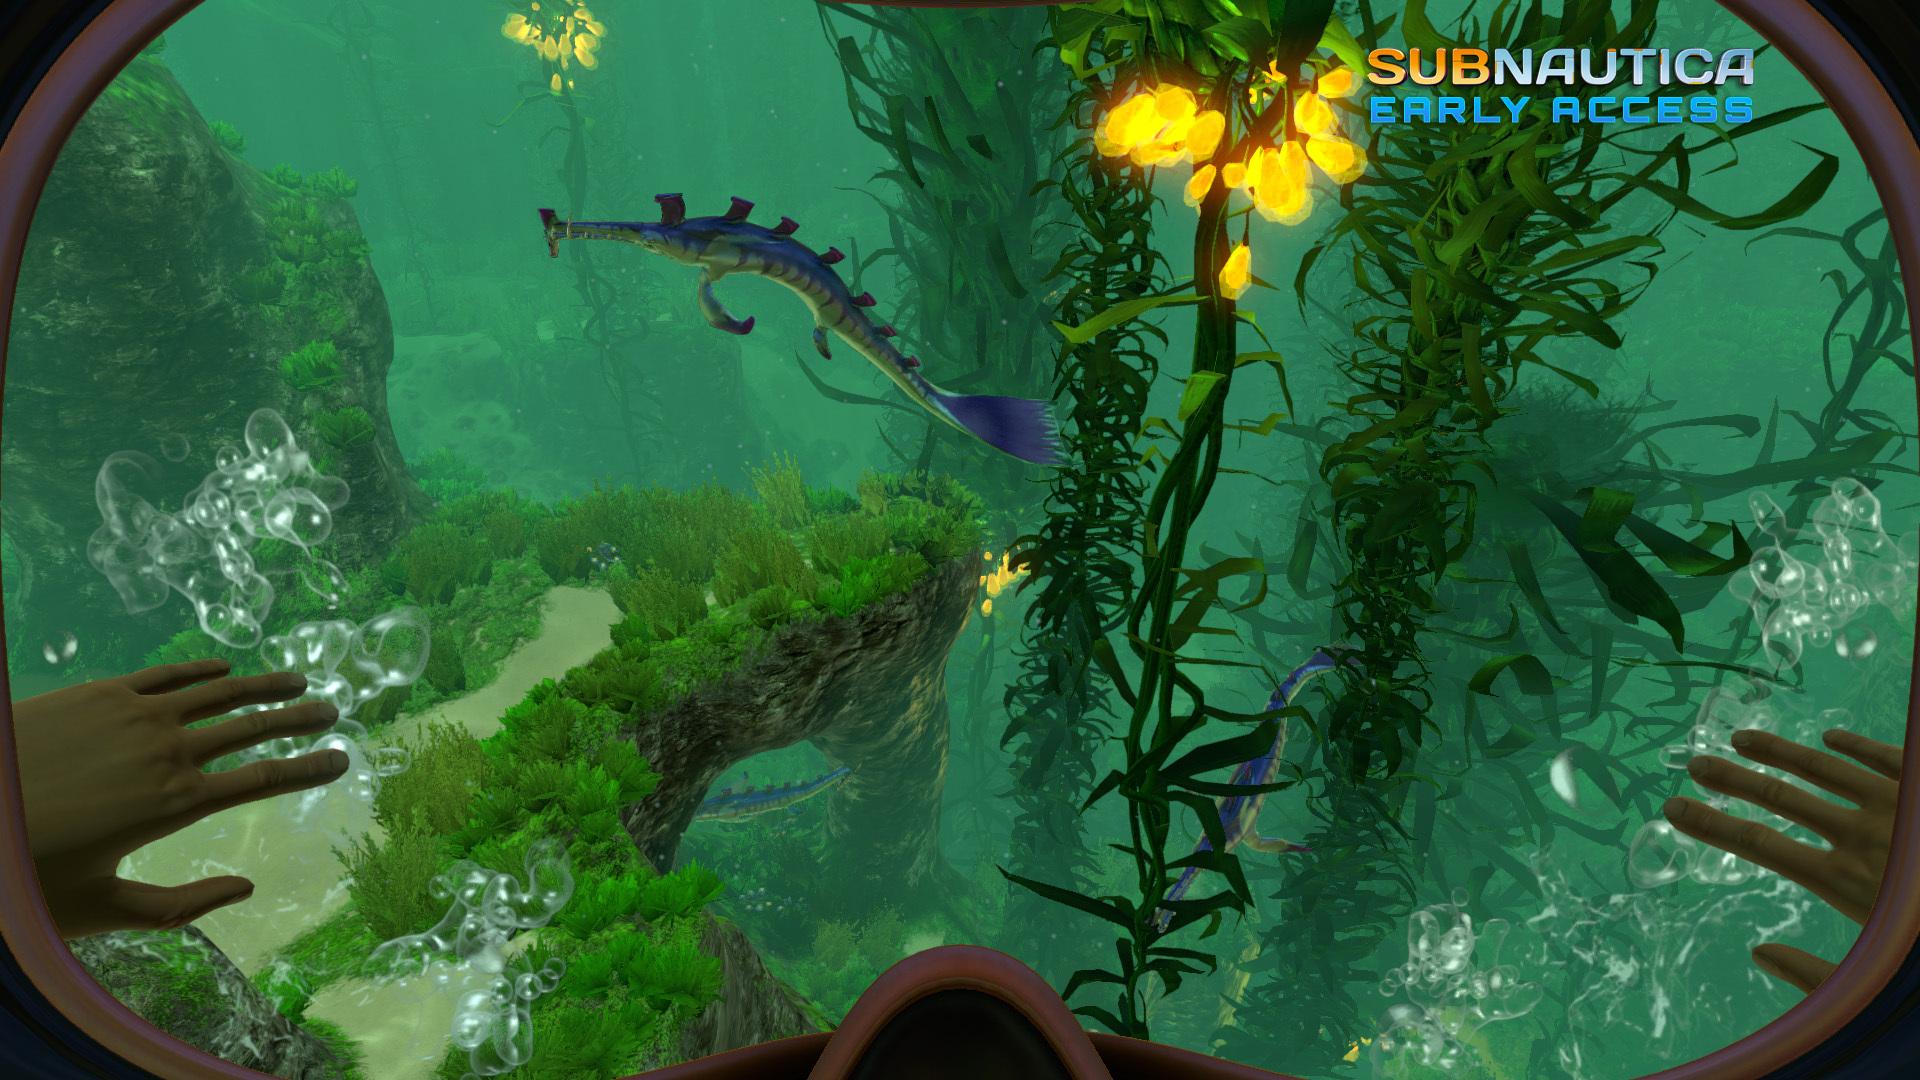 Subnautica как обновить игру - ef9